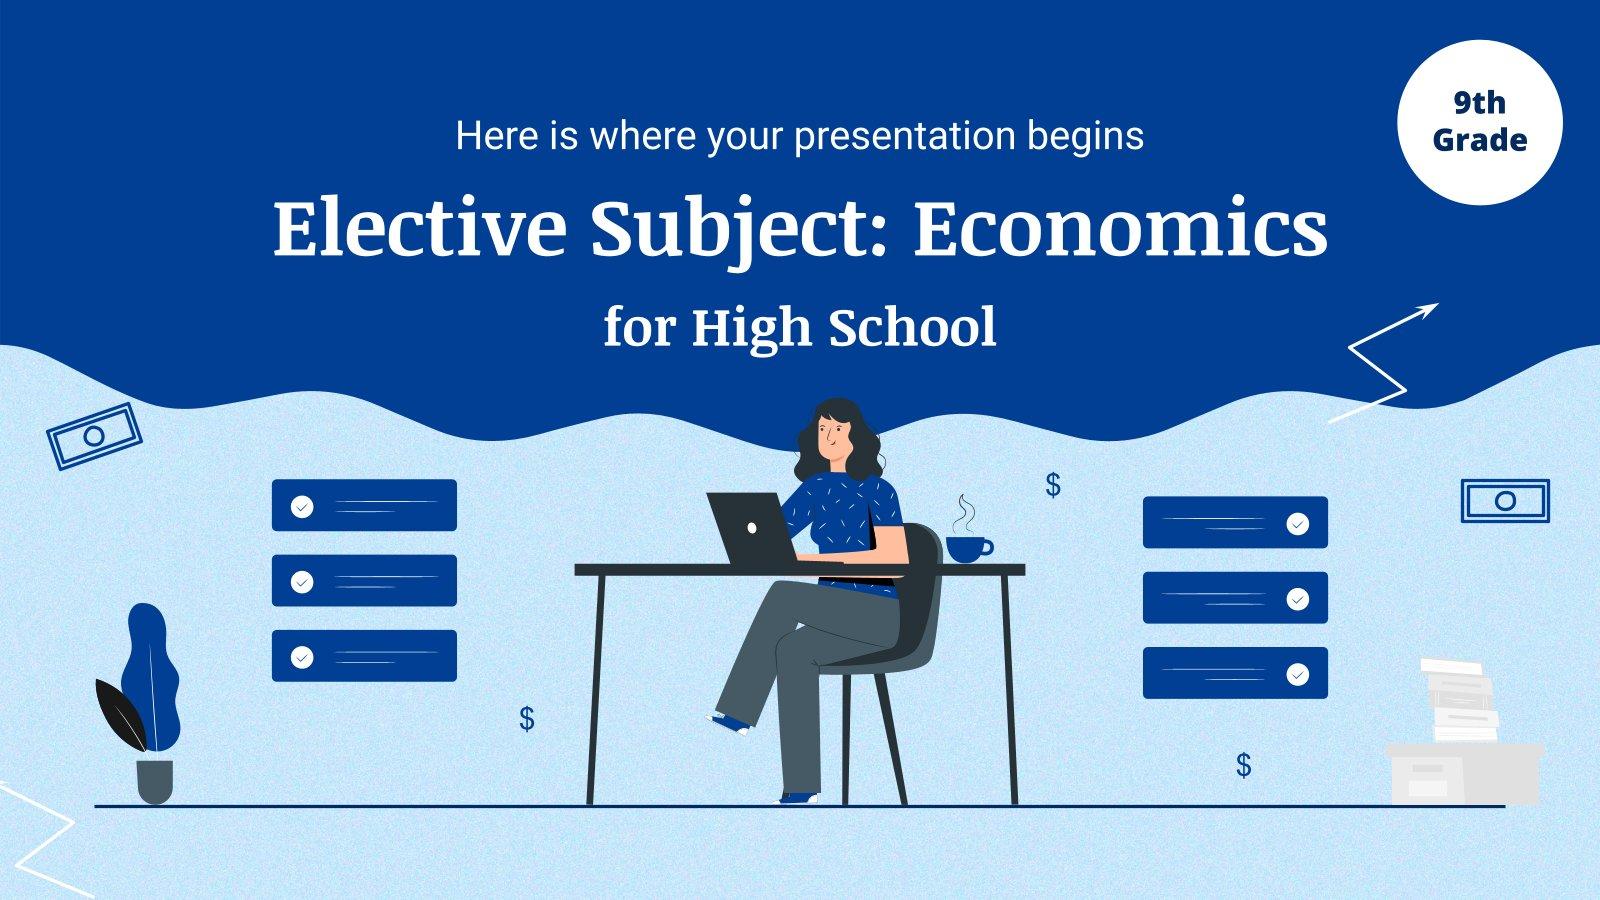 Wirtschaft für die 9. Klasse Präsentationsvorlage